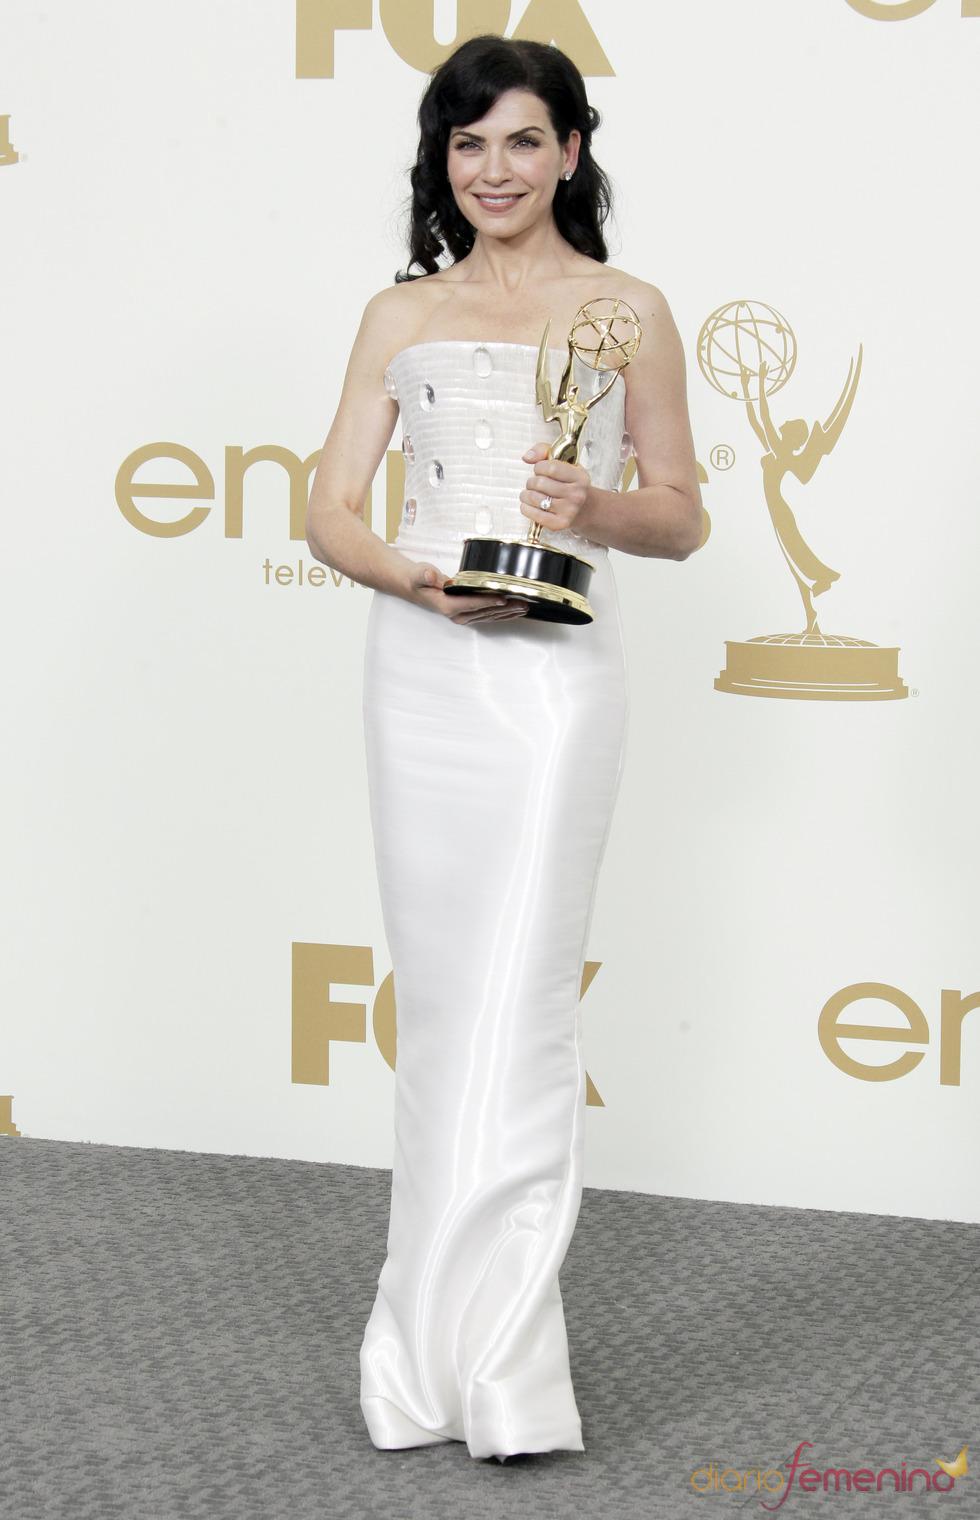 Julianna Marguiles en la alfombra roja de los Emmy 2011